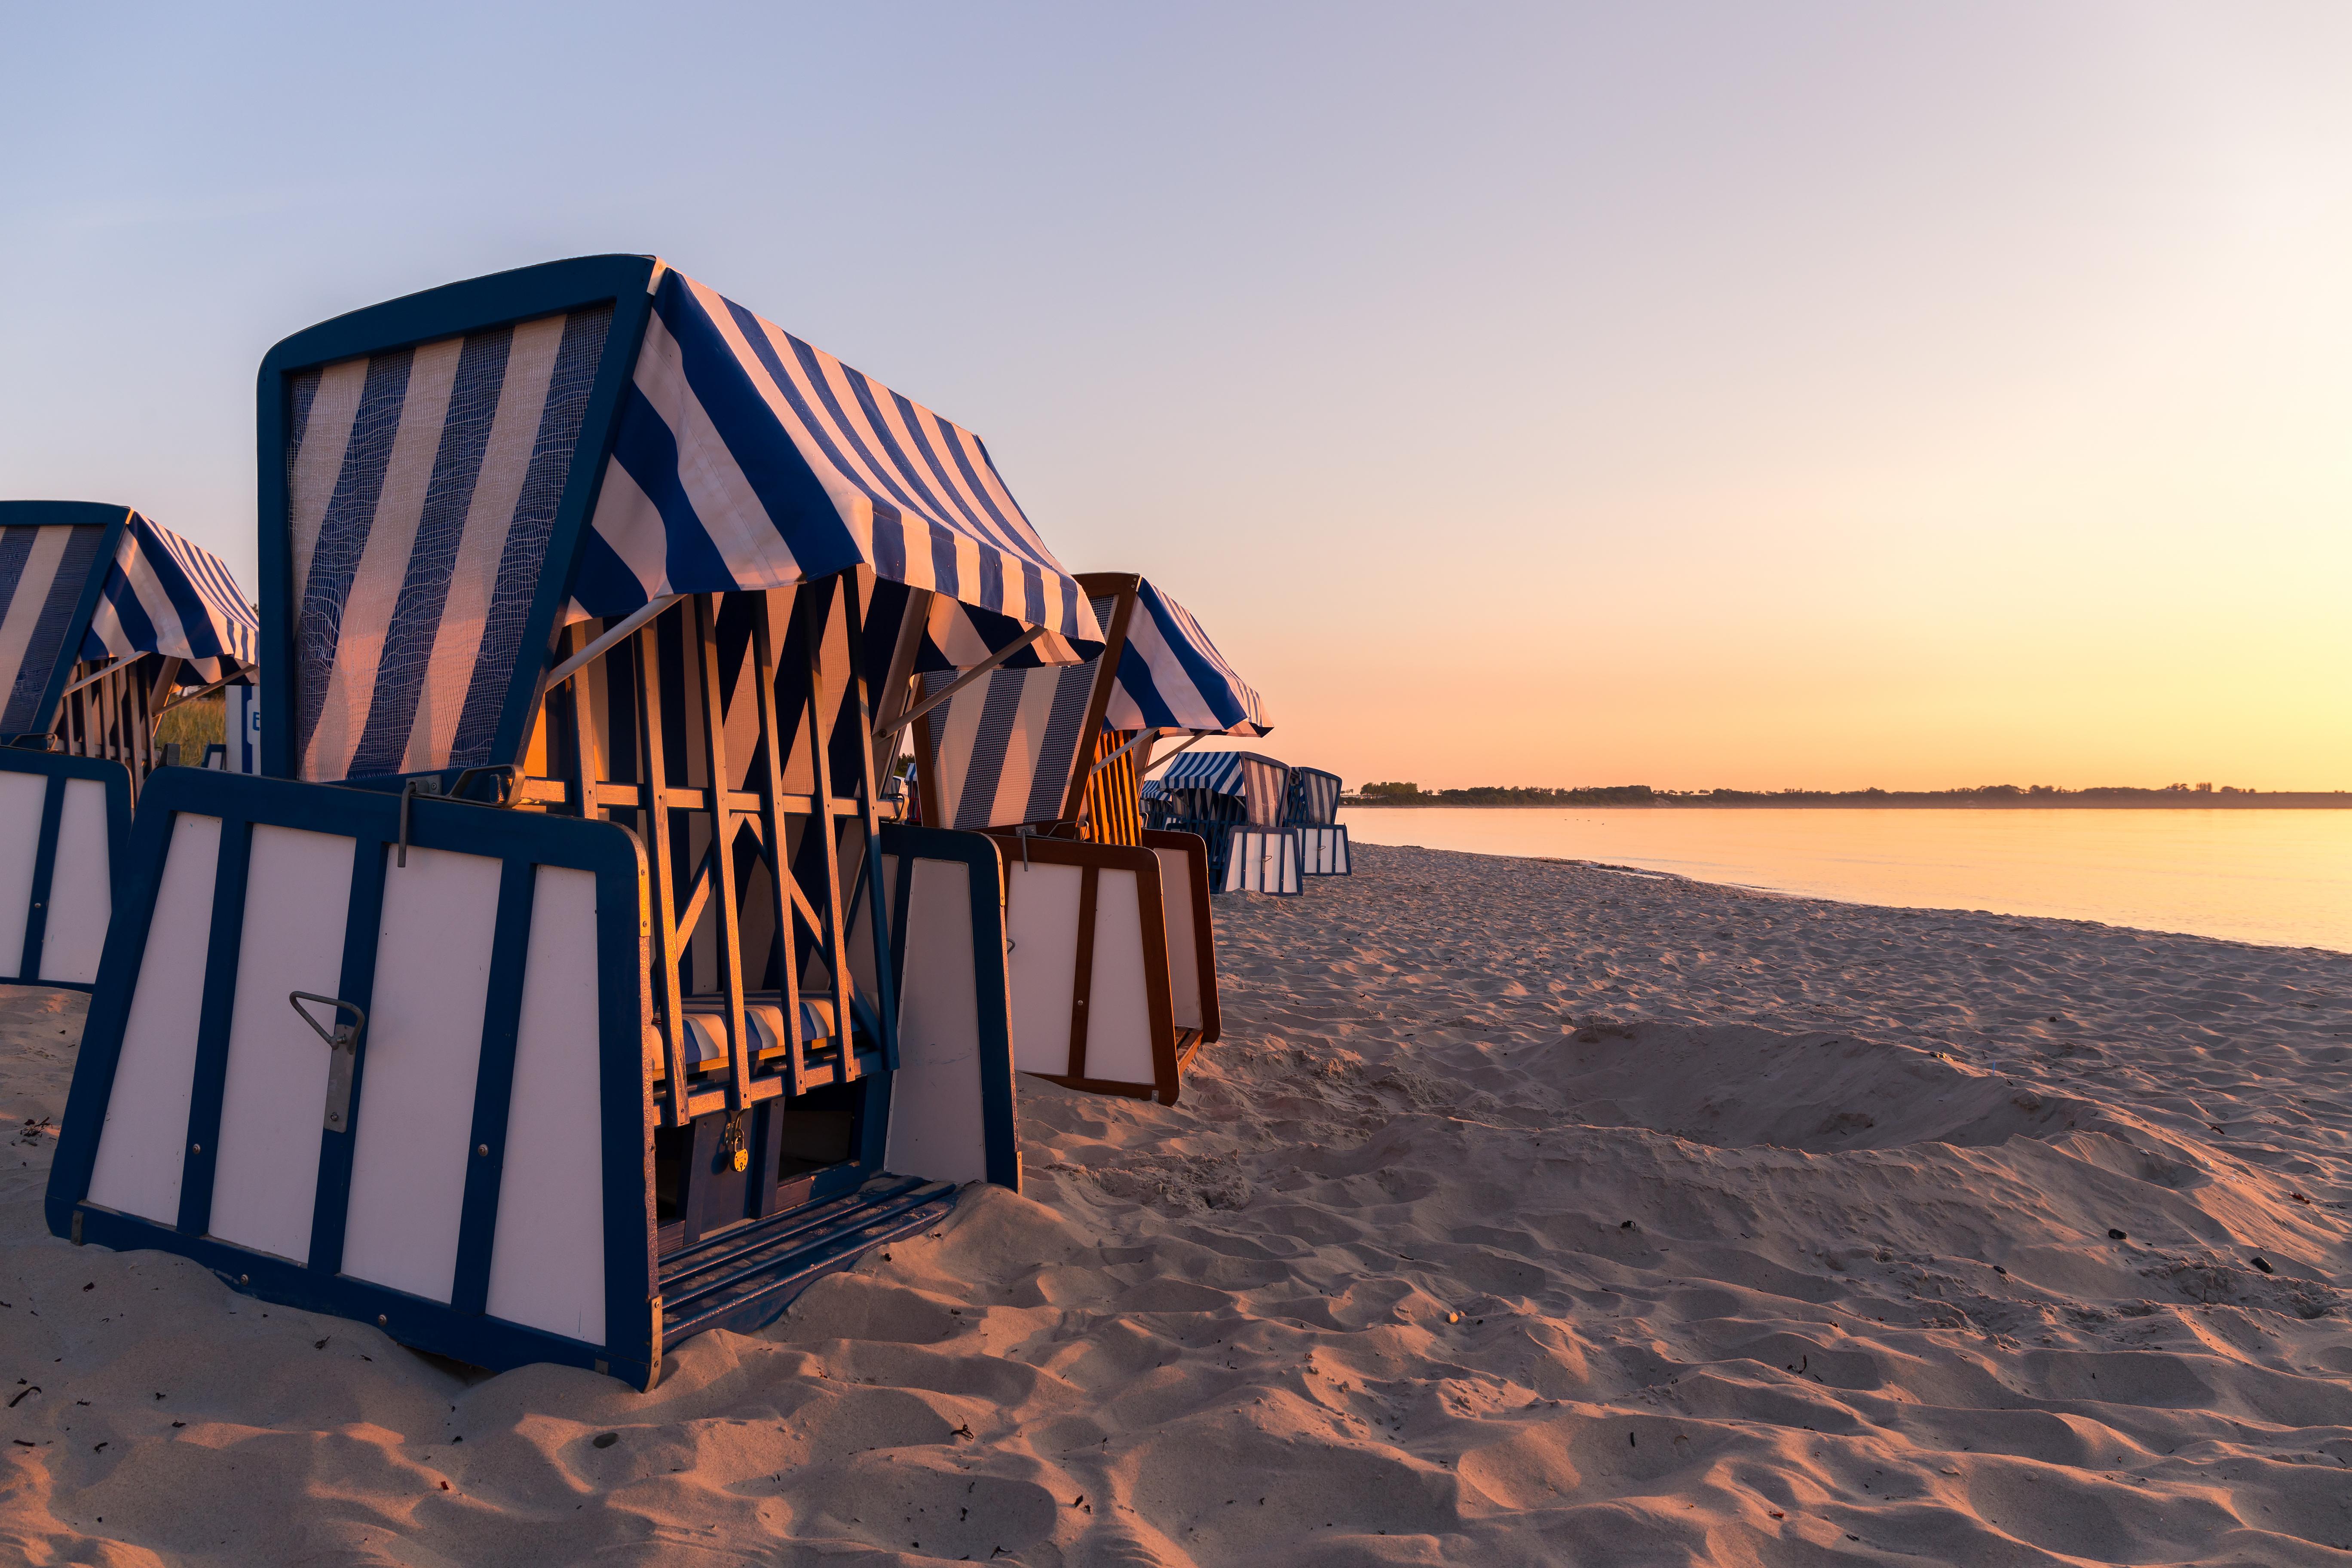 Strandkorb sonnenaufgang  File:Strandkörbe in Juliusruh bei Sonnenaufgang.jpg - Wikimedia ...